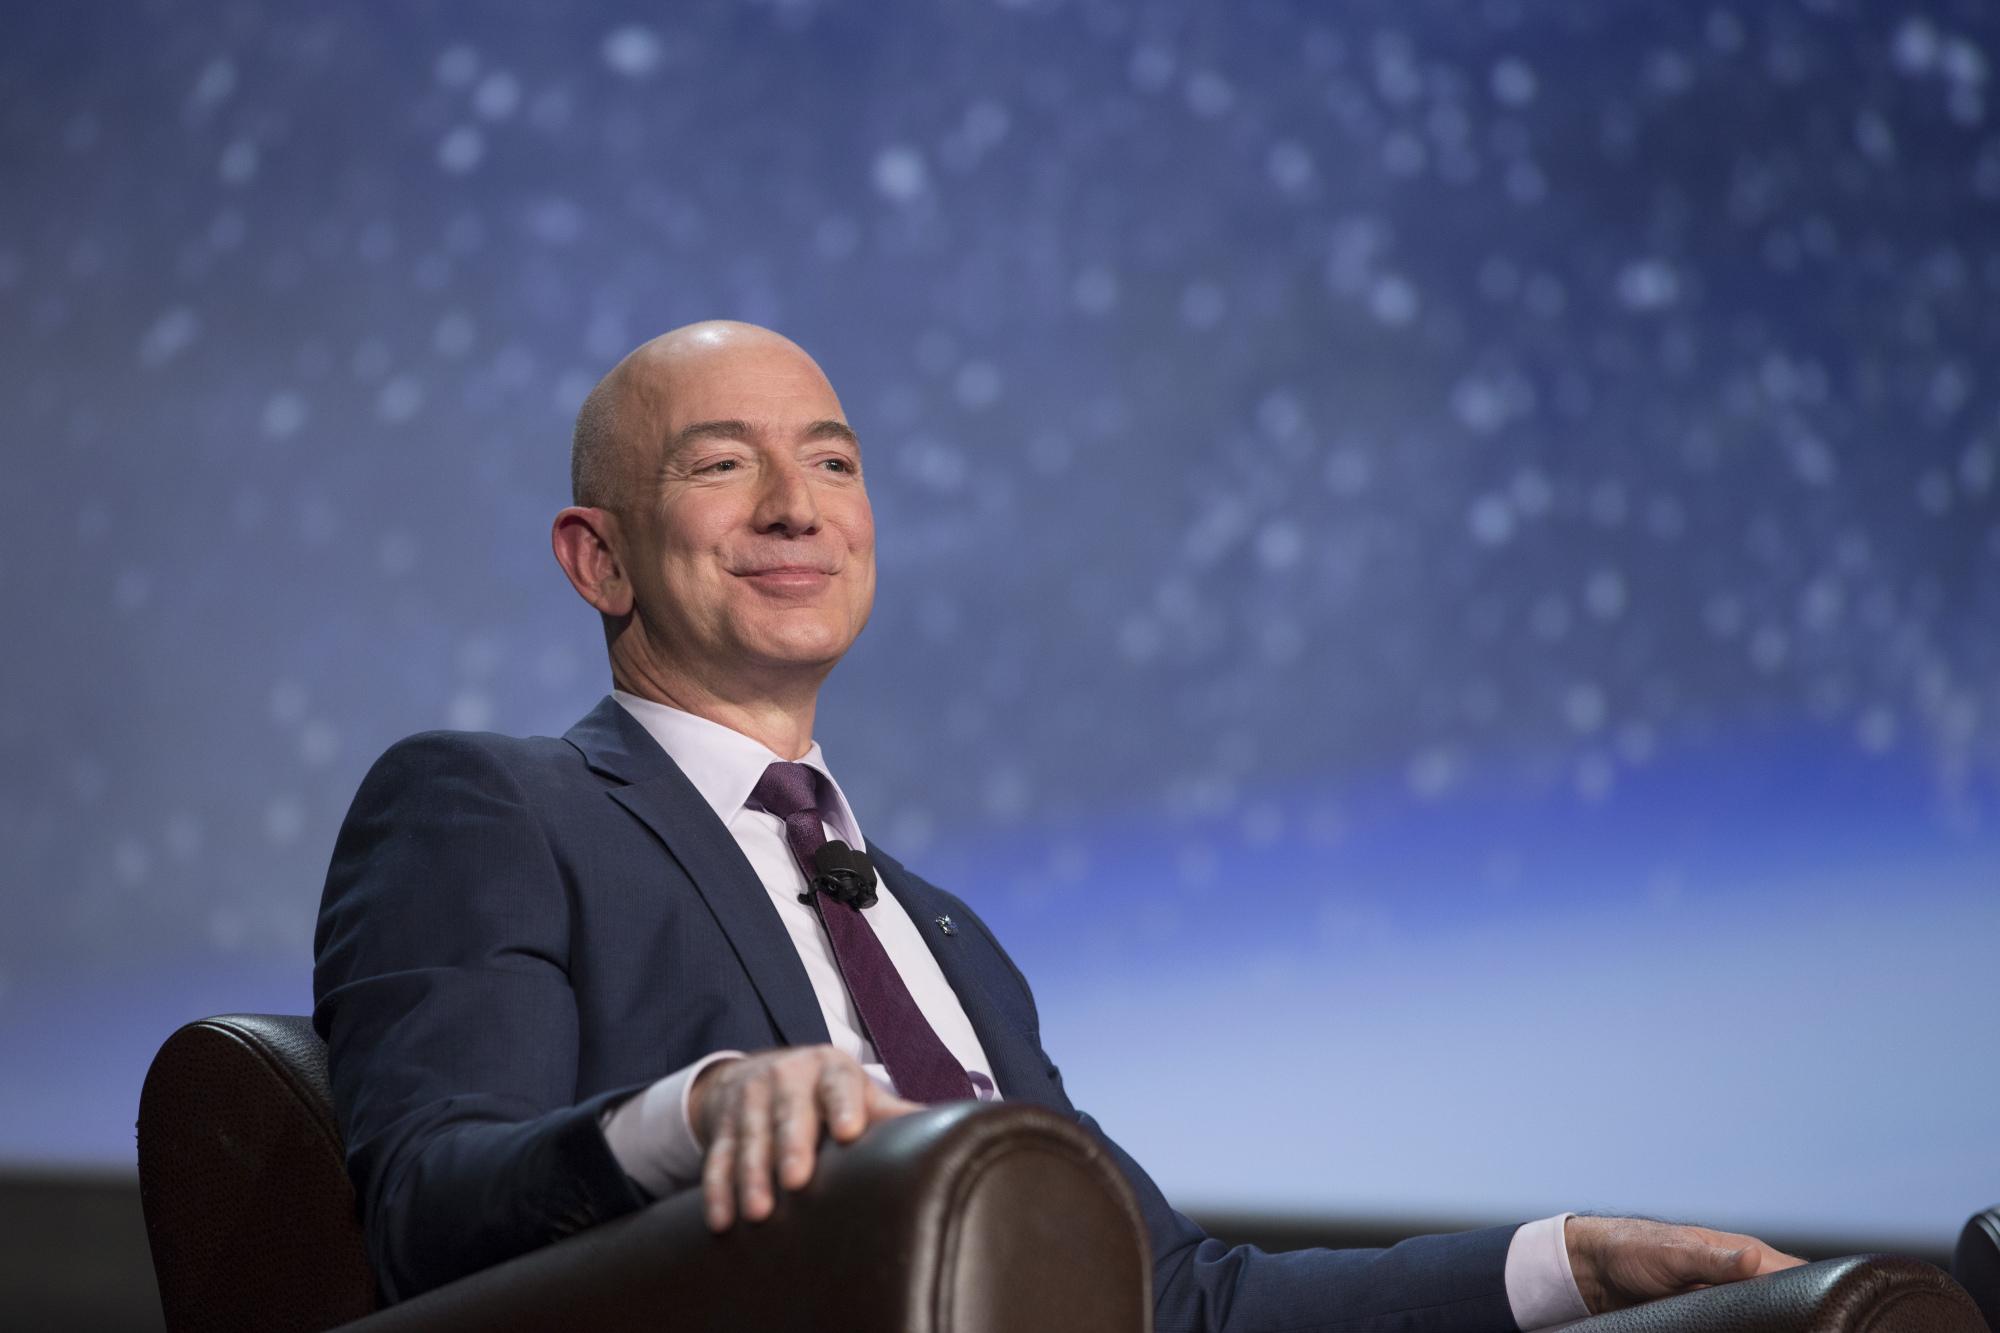 Dono da amazon se torna o homem mais rico da história moderna